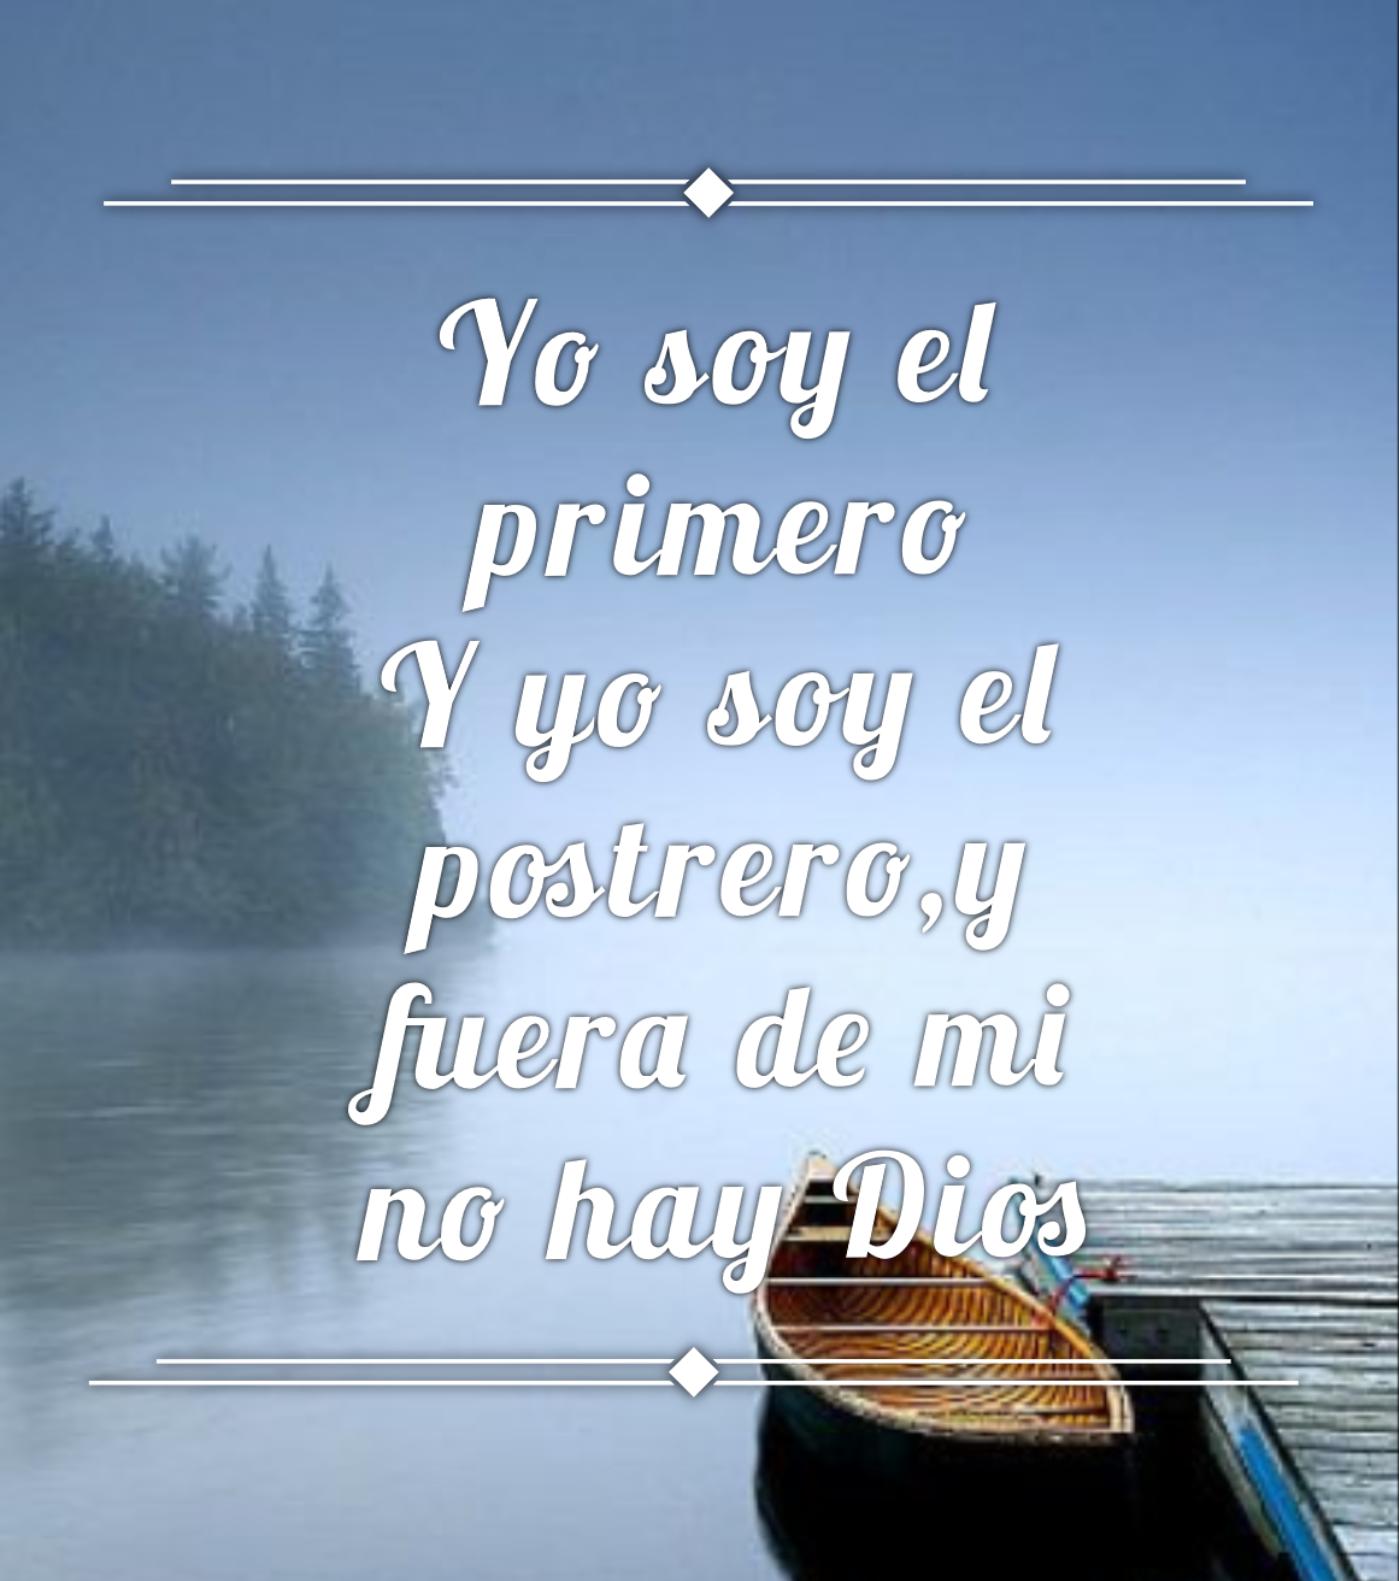 Yo Soy El Primero Y Yo Soy El Postrero Y Fuera De Mi No Hay Dios How To Make Bookmarks Bookmarks Printable My Love